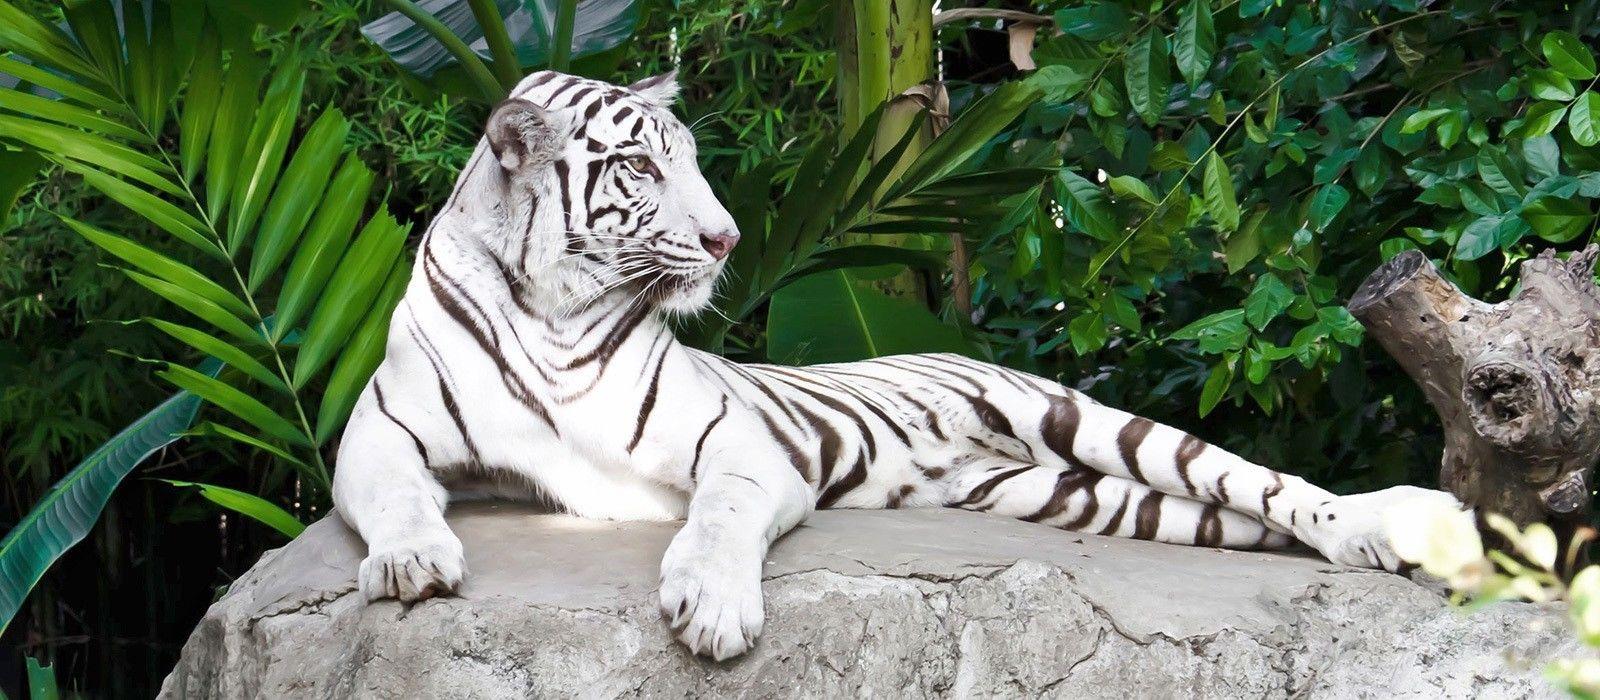 Rajasthan-Reise: Paläste und Tiger Urlaub 3